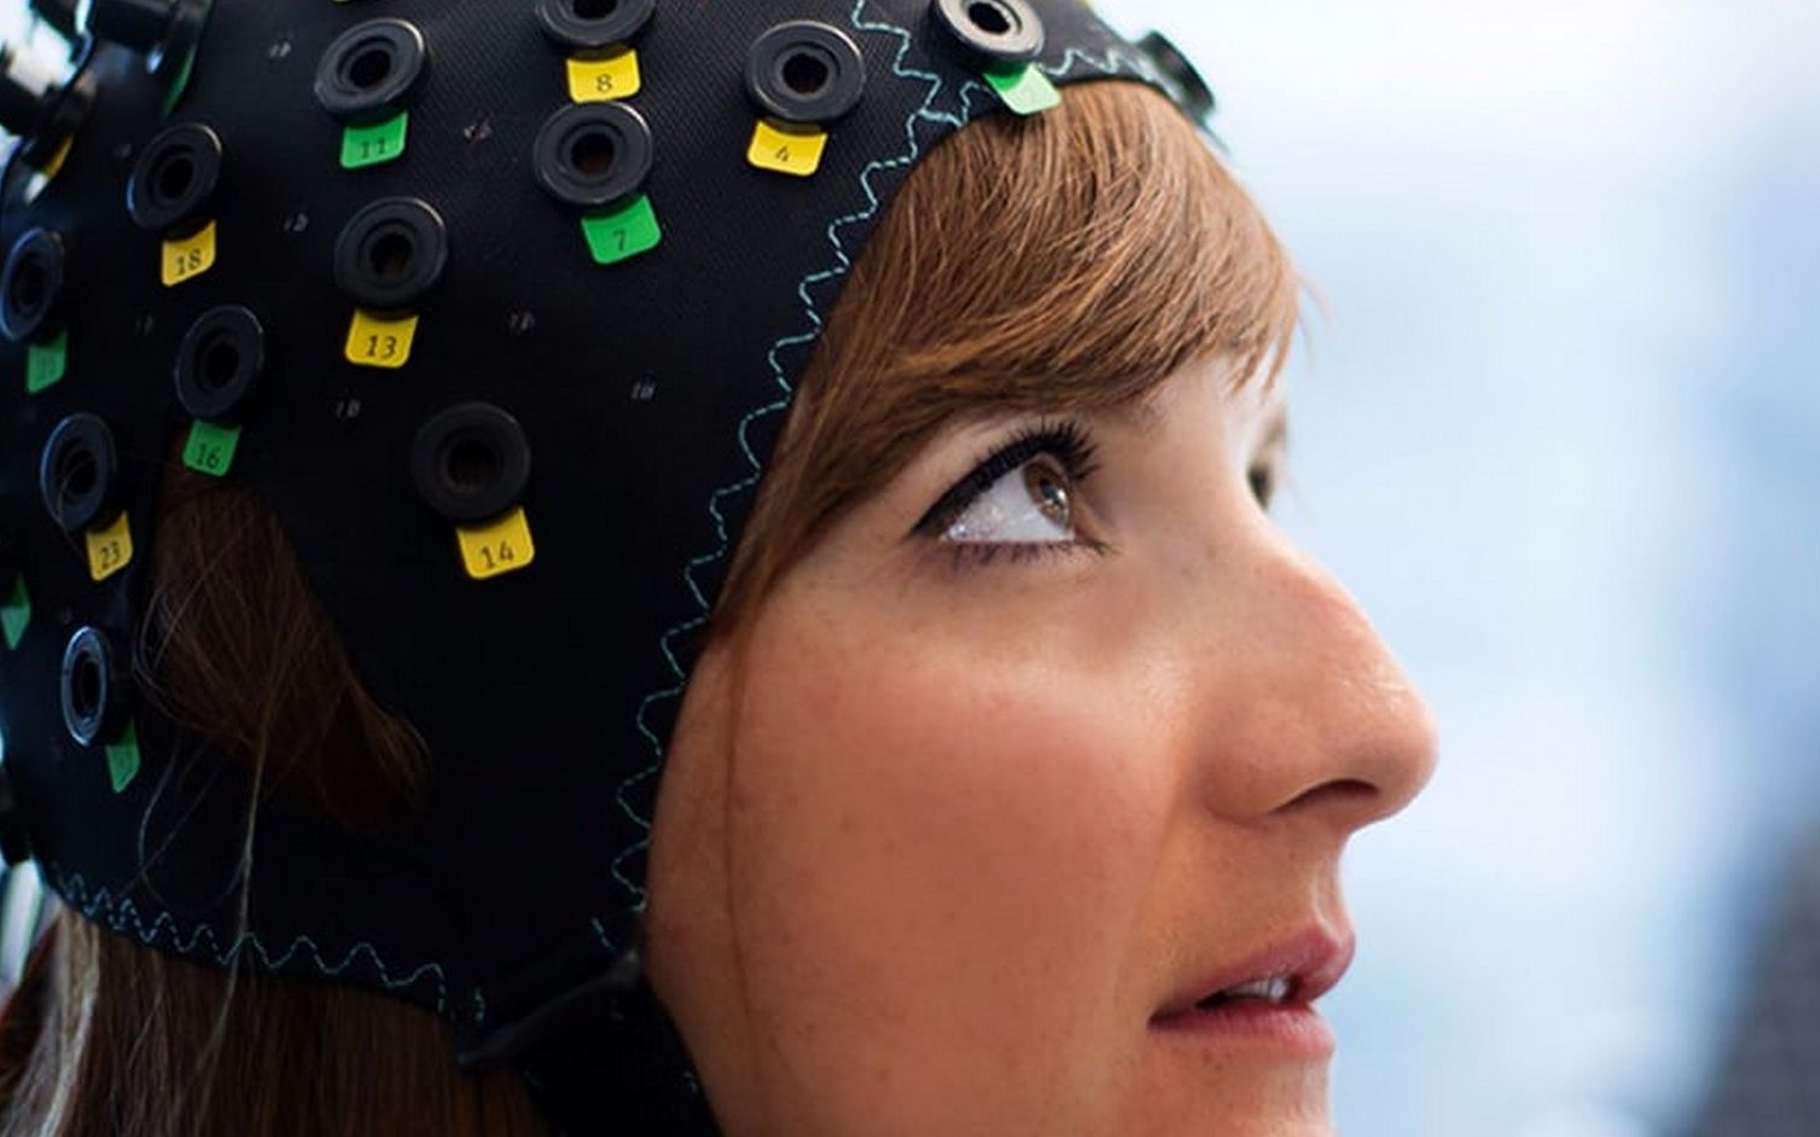 Pour créer une interface neuronale capable de suivre l'activité cérébrale des patients atteints d'un syndrome d'enfermement complet, les chercheurs du Wyss Center for Bio and Neuroengineering de Genève ont associé l'électroencéphalographie et la spectroscopie dans le proche infrarouge. © Wyss Center